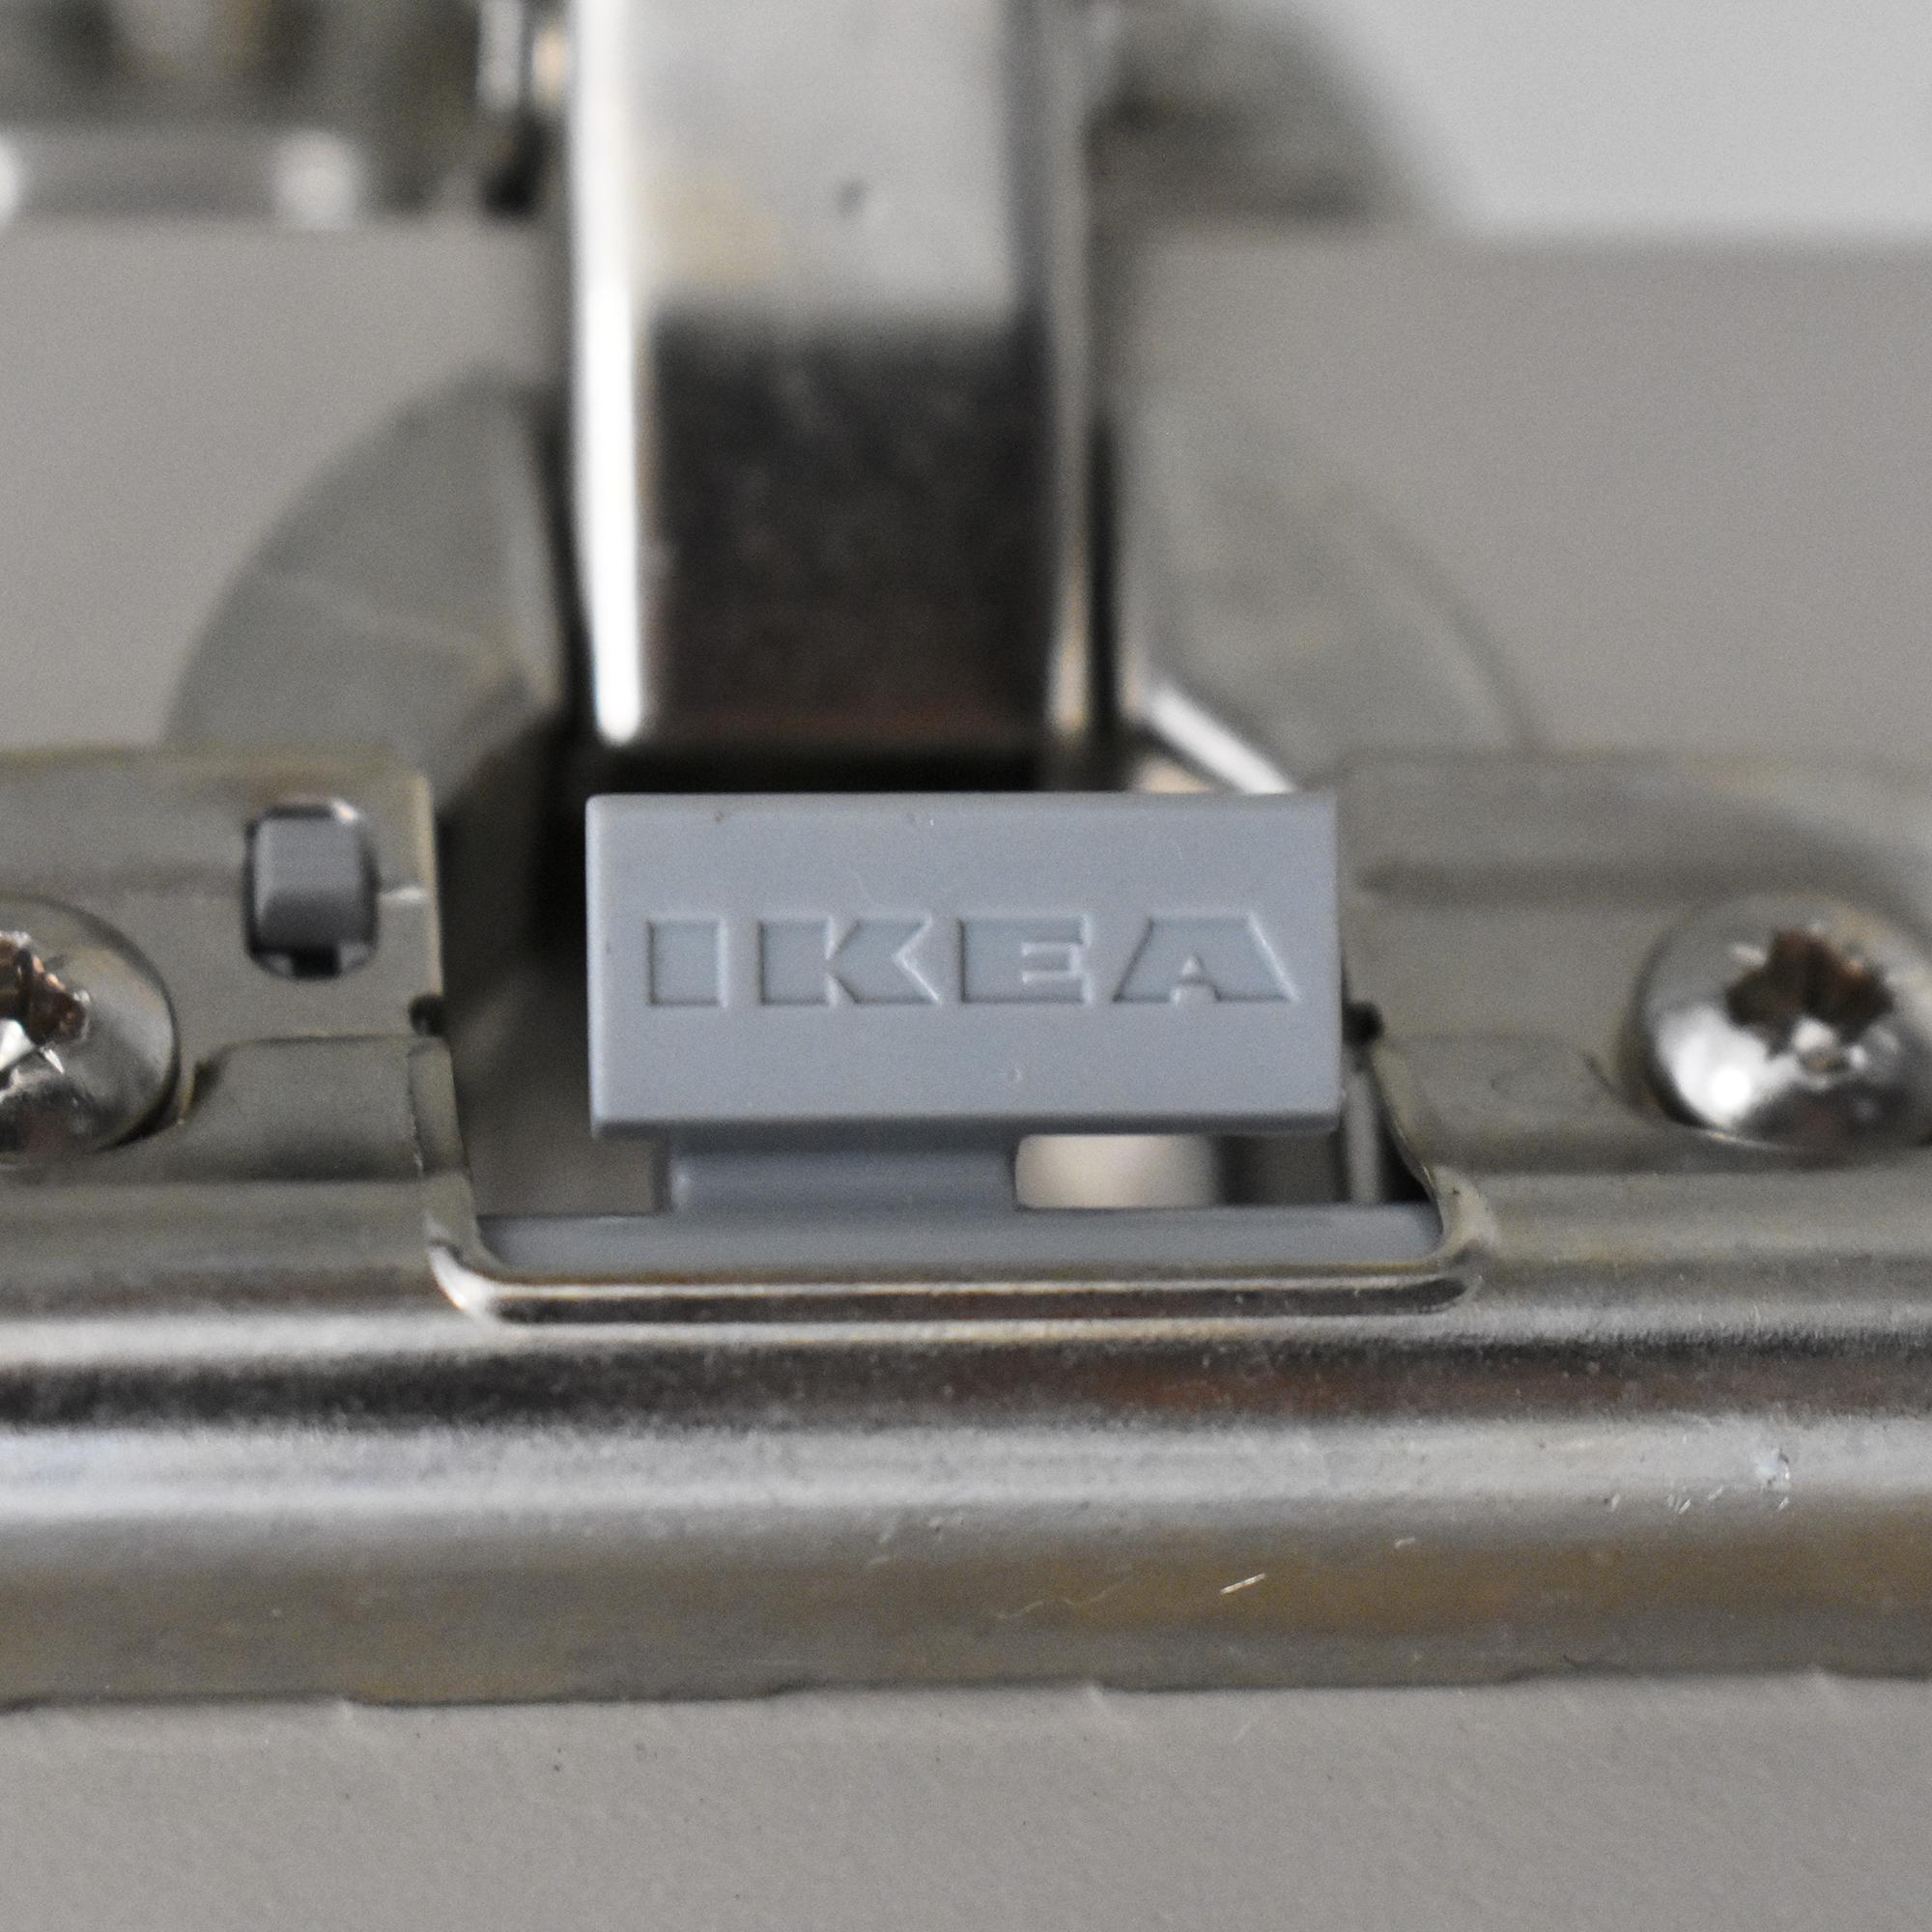 IKEA IKEA Media Console nyc